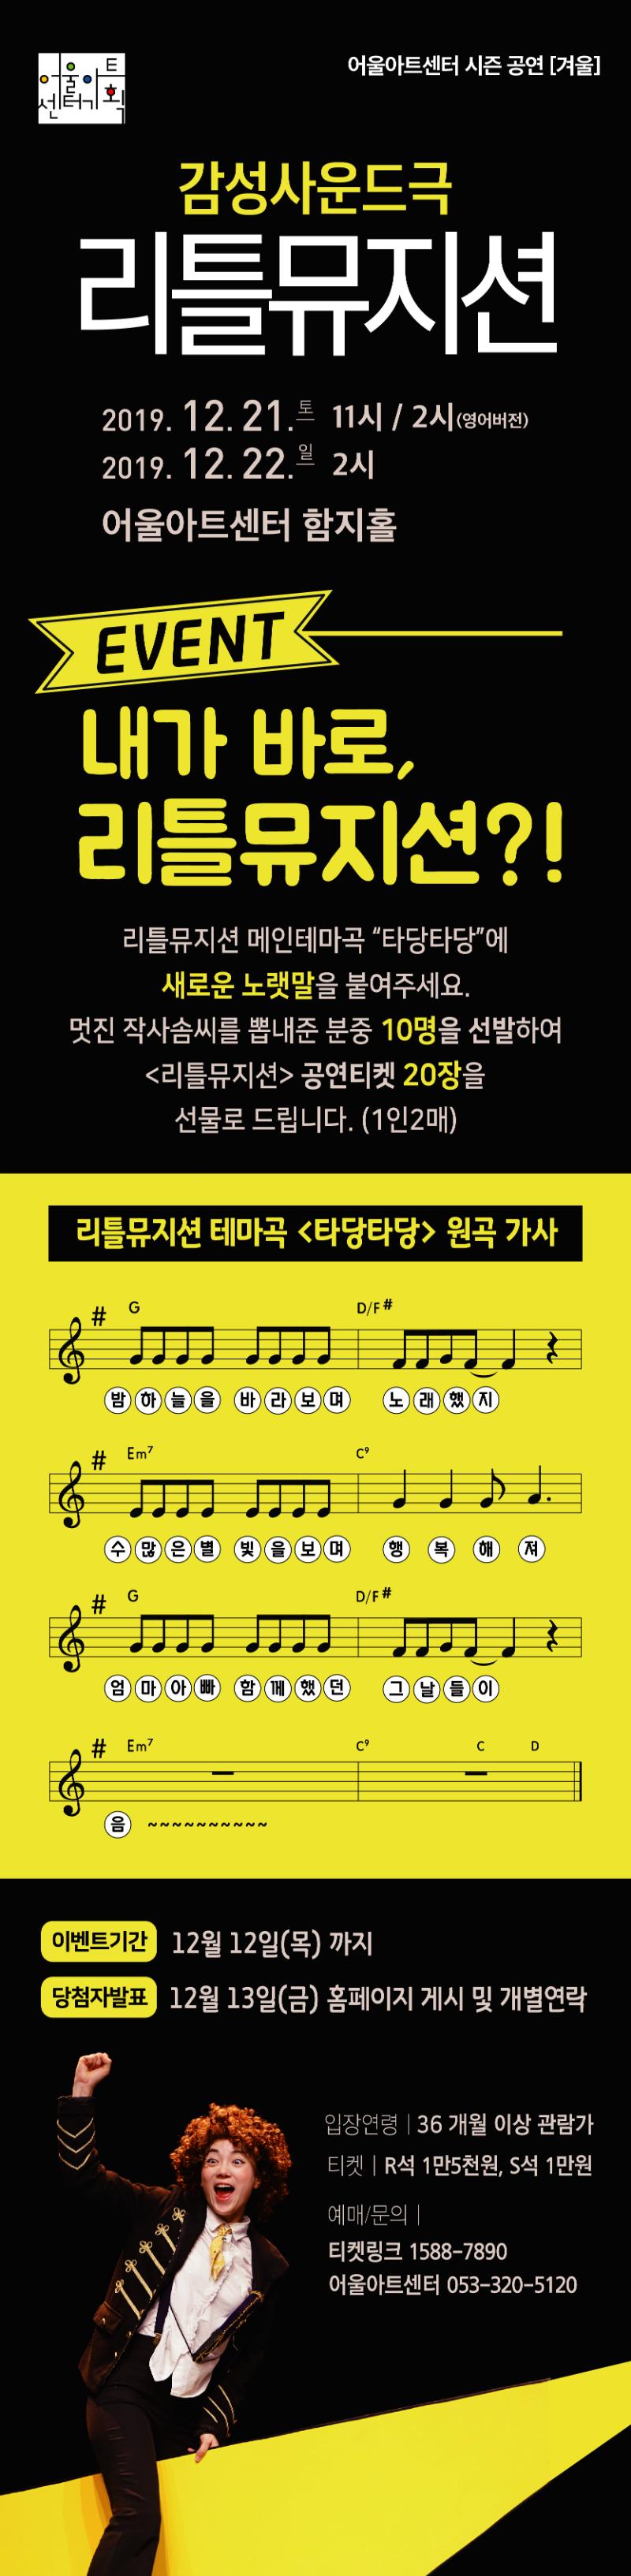 이벤트(리틀뮤지션)-01-01.png